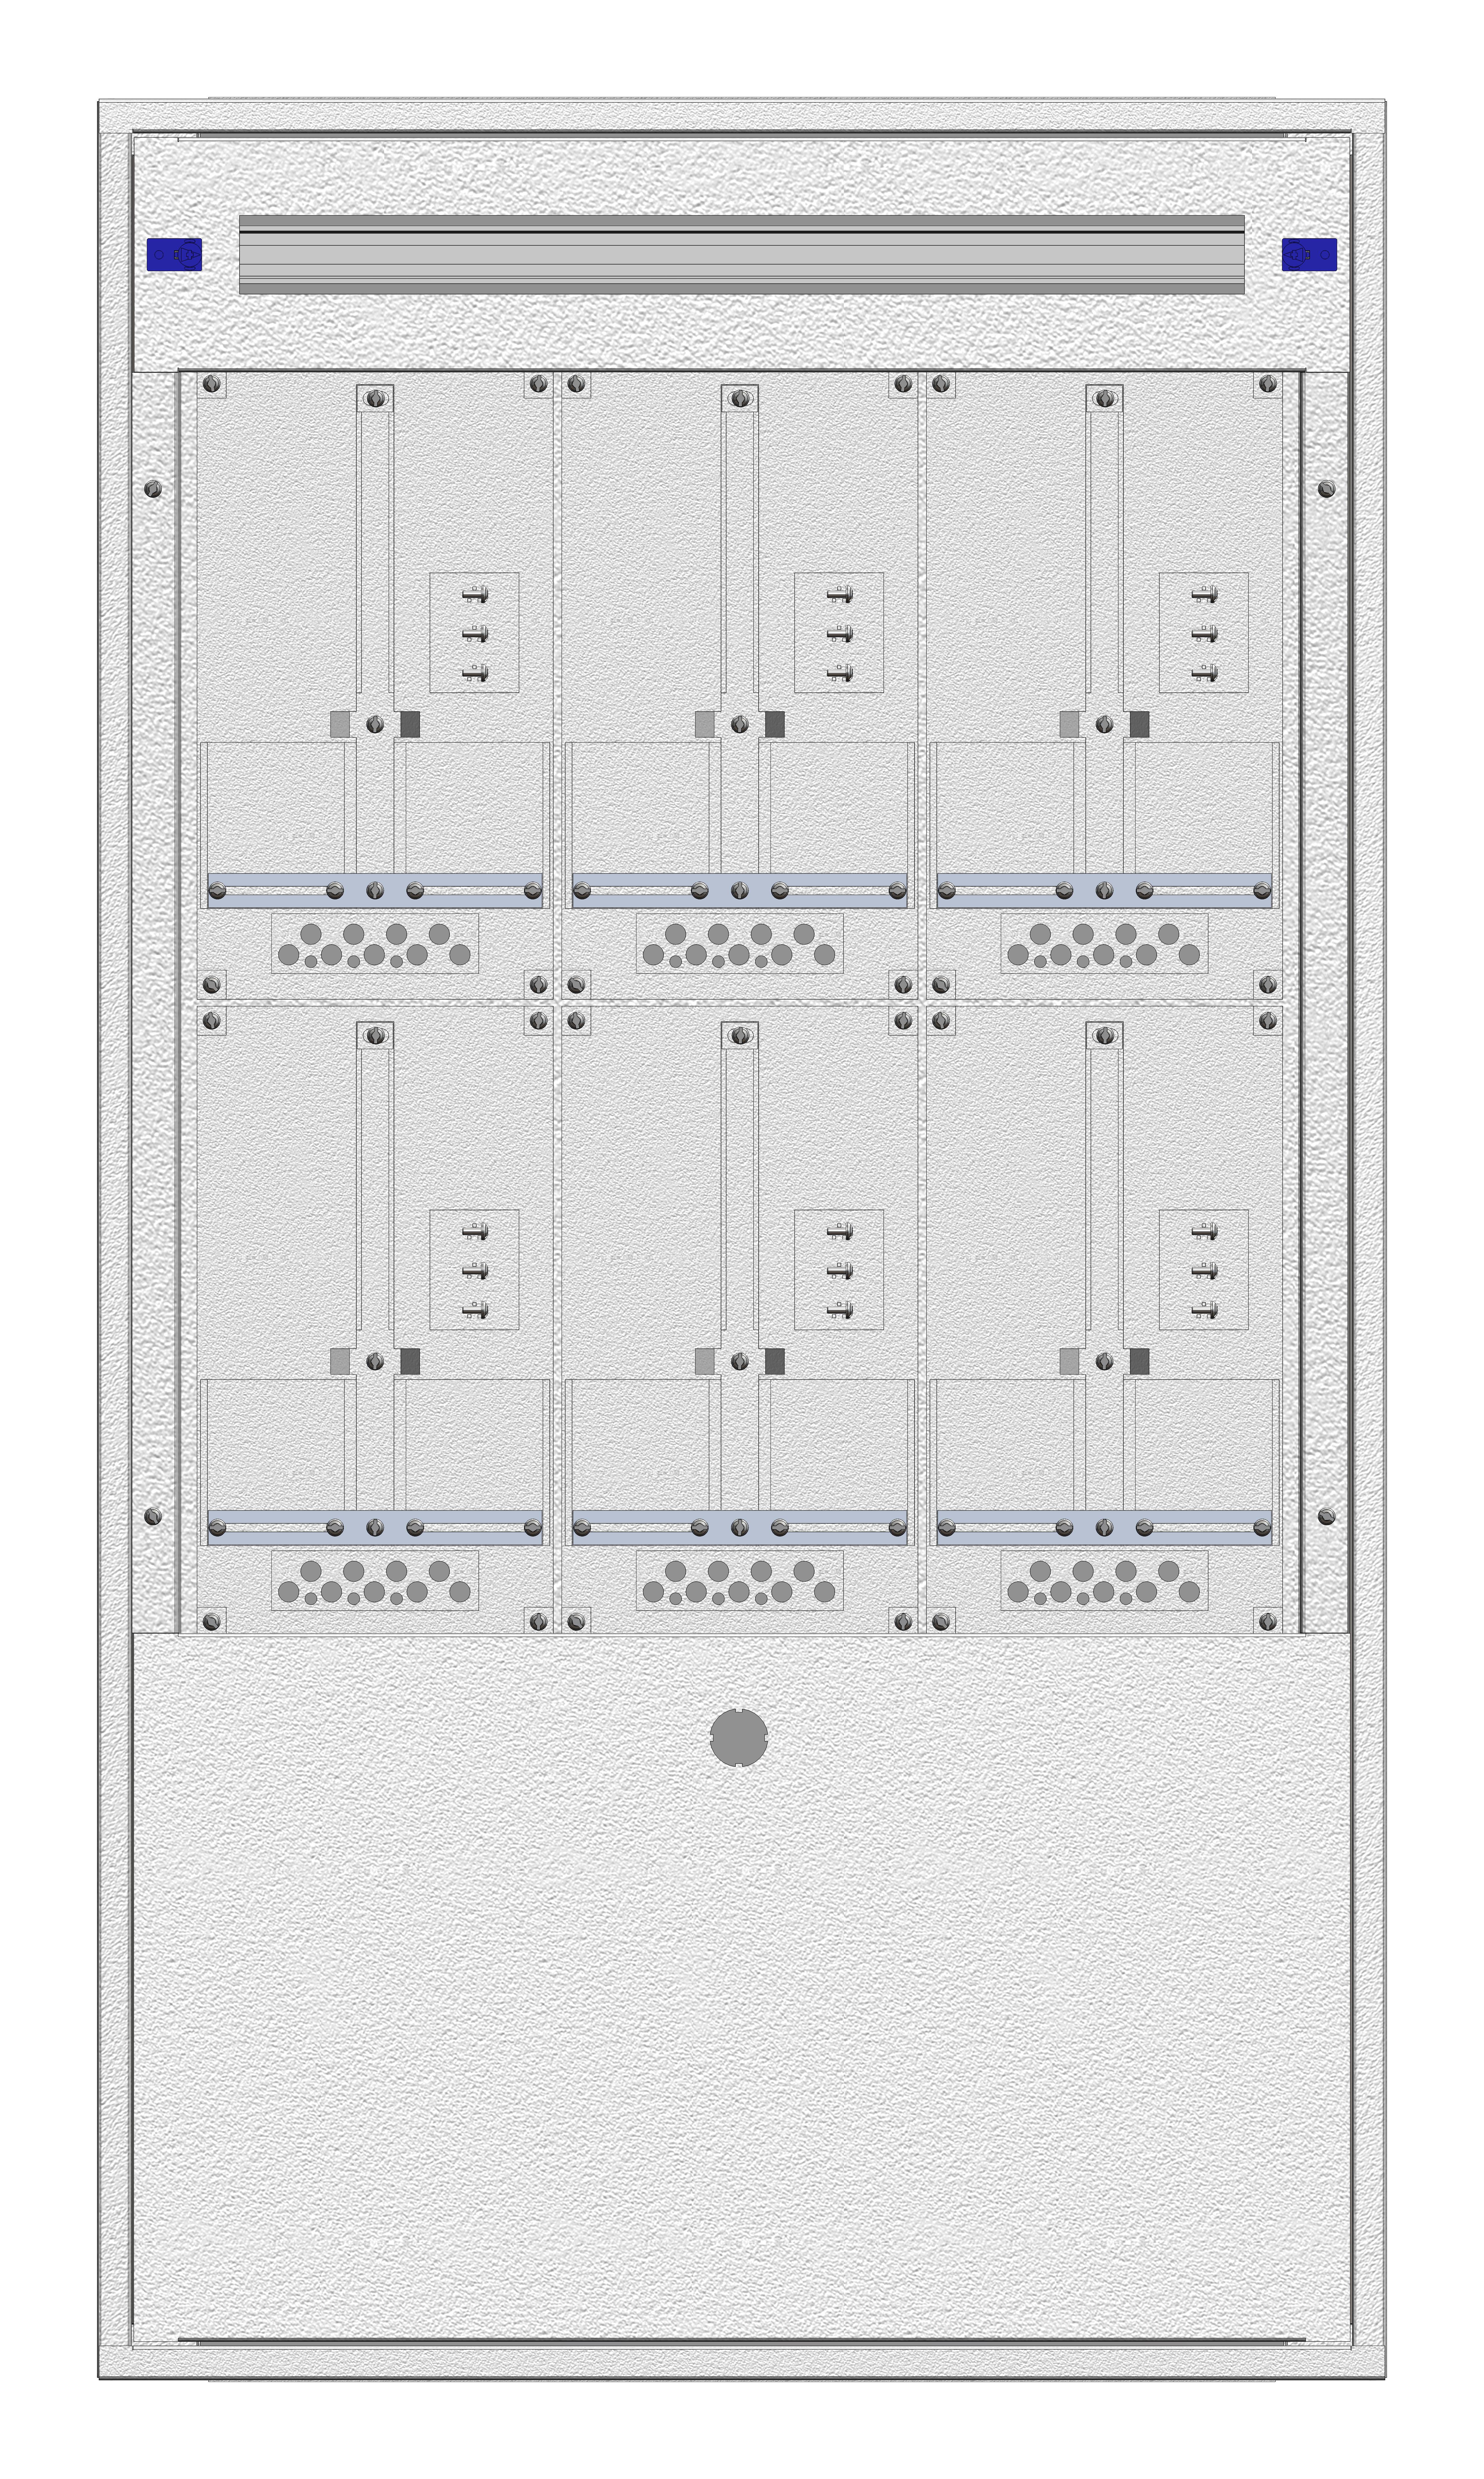 1 Stk Unterputz-Zählerverteiler 3U-28G/BGLD 6ZP, H1380B810T250mm IL166328BS